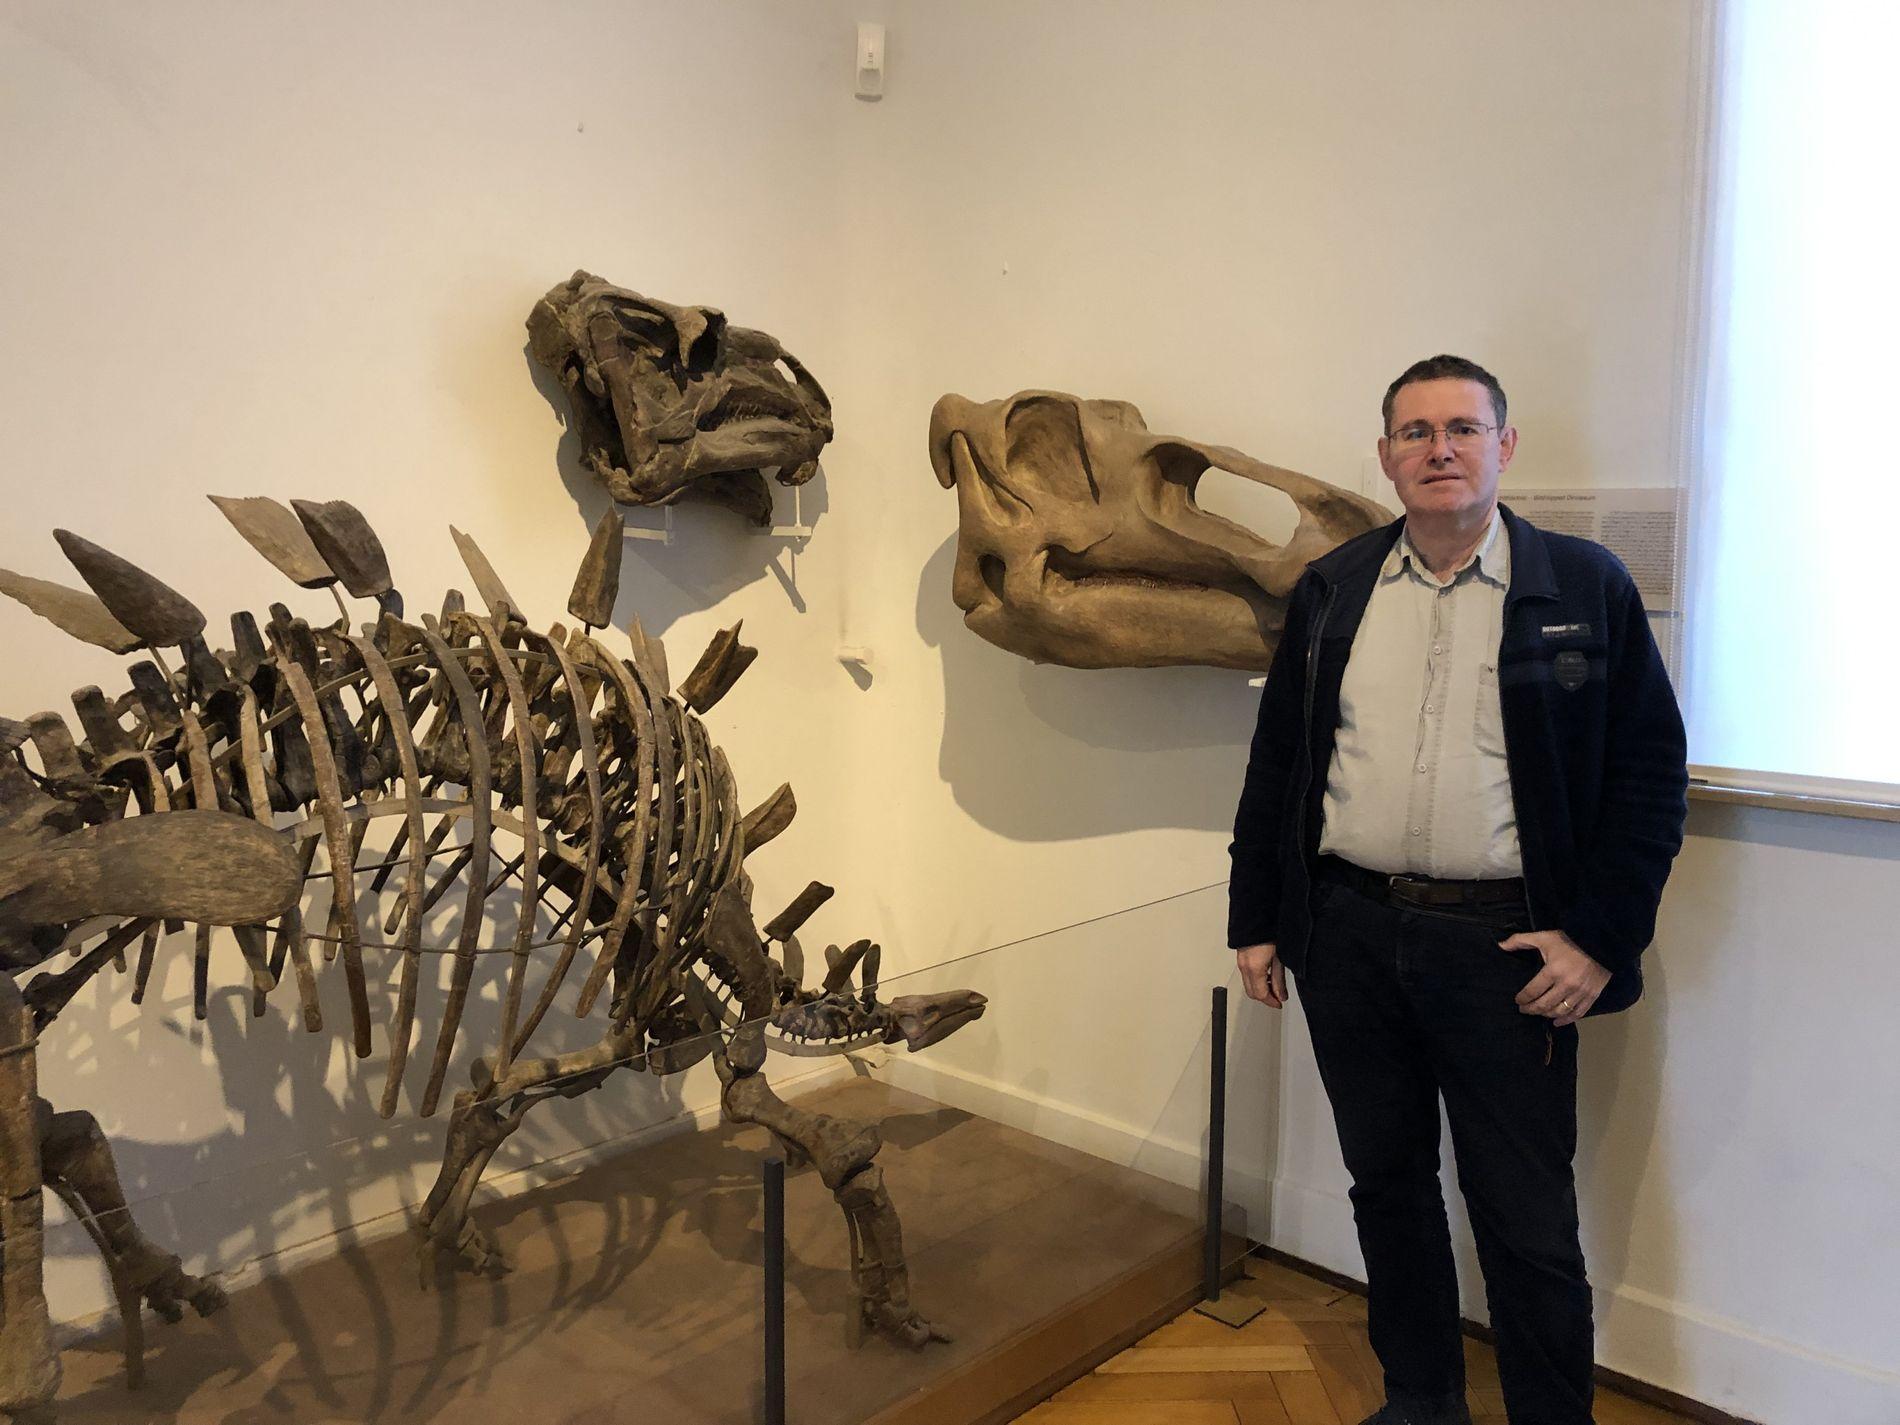 """Im Knochen liegt die Wahrheit: Paläobiologe Hervé Bocherens erforscht im Rahmen des Senckenberg-Projekts """"Edmonds Urzeitreich"""" das ..."""